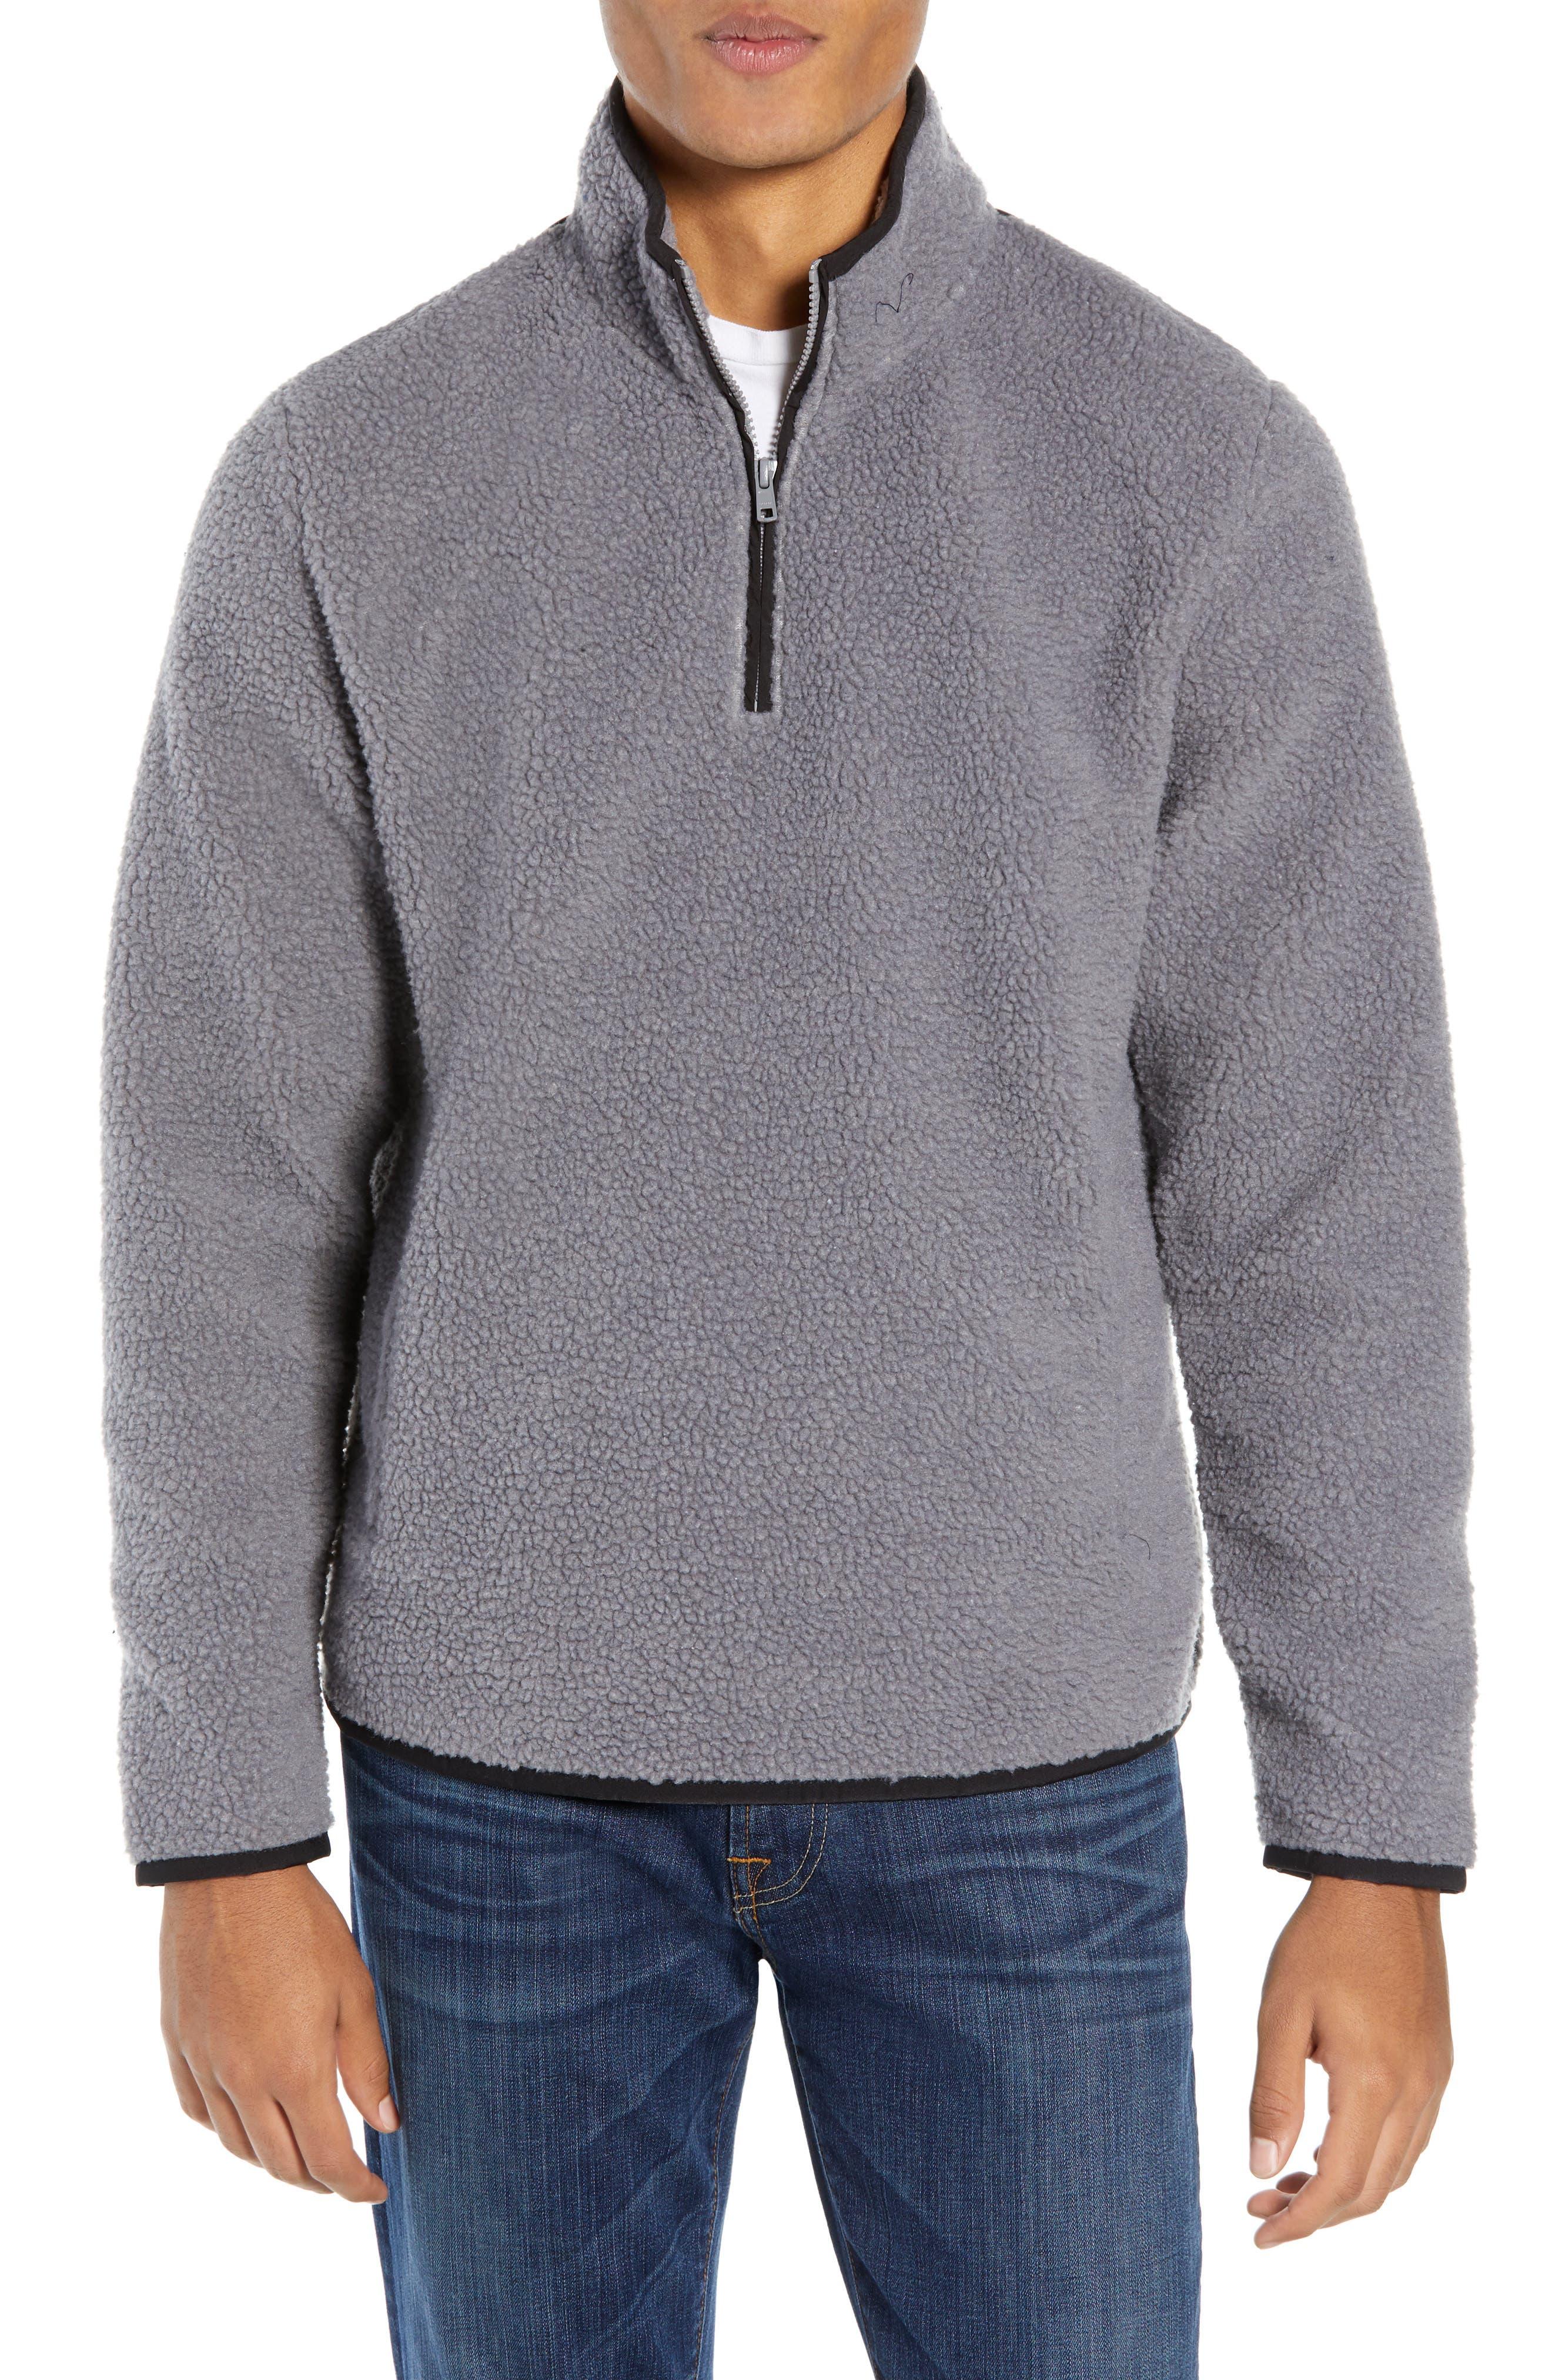 Nordstrom Shop Quarter Zip Fleece Pullover, Grey